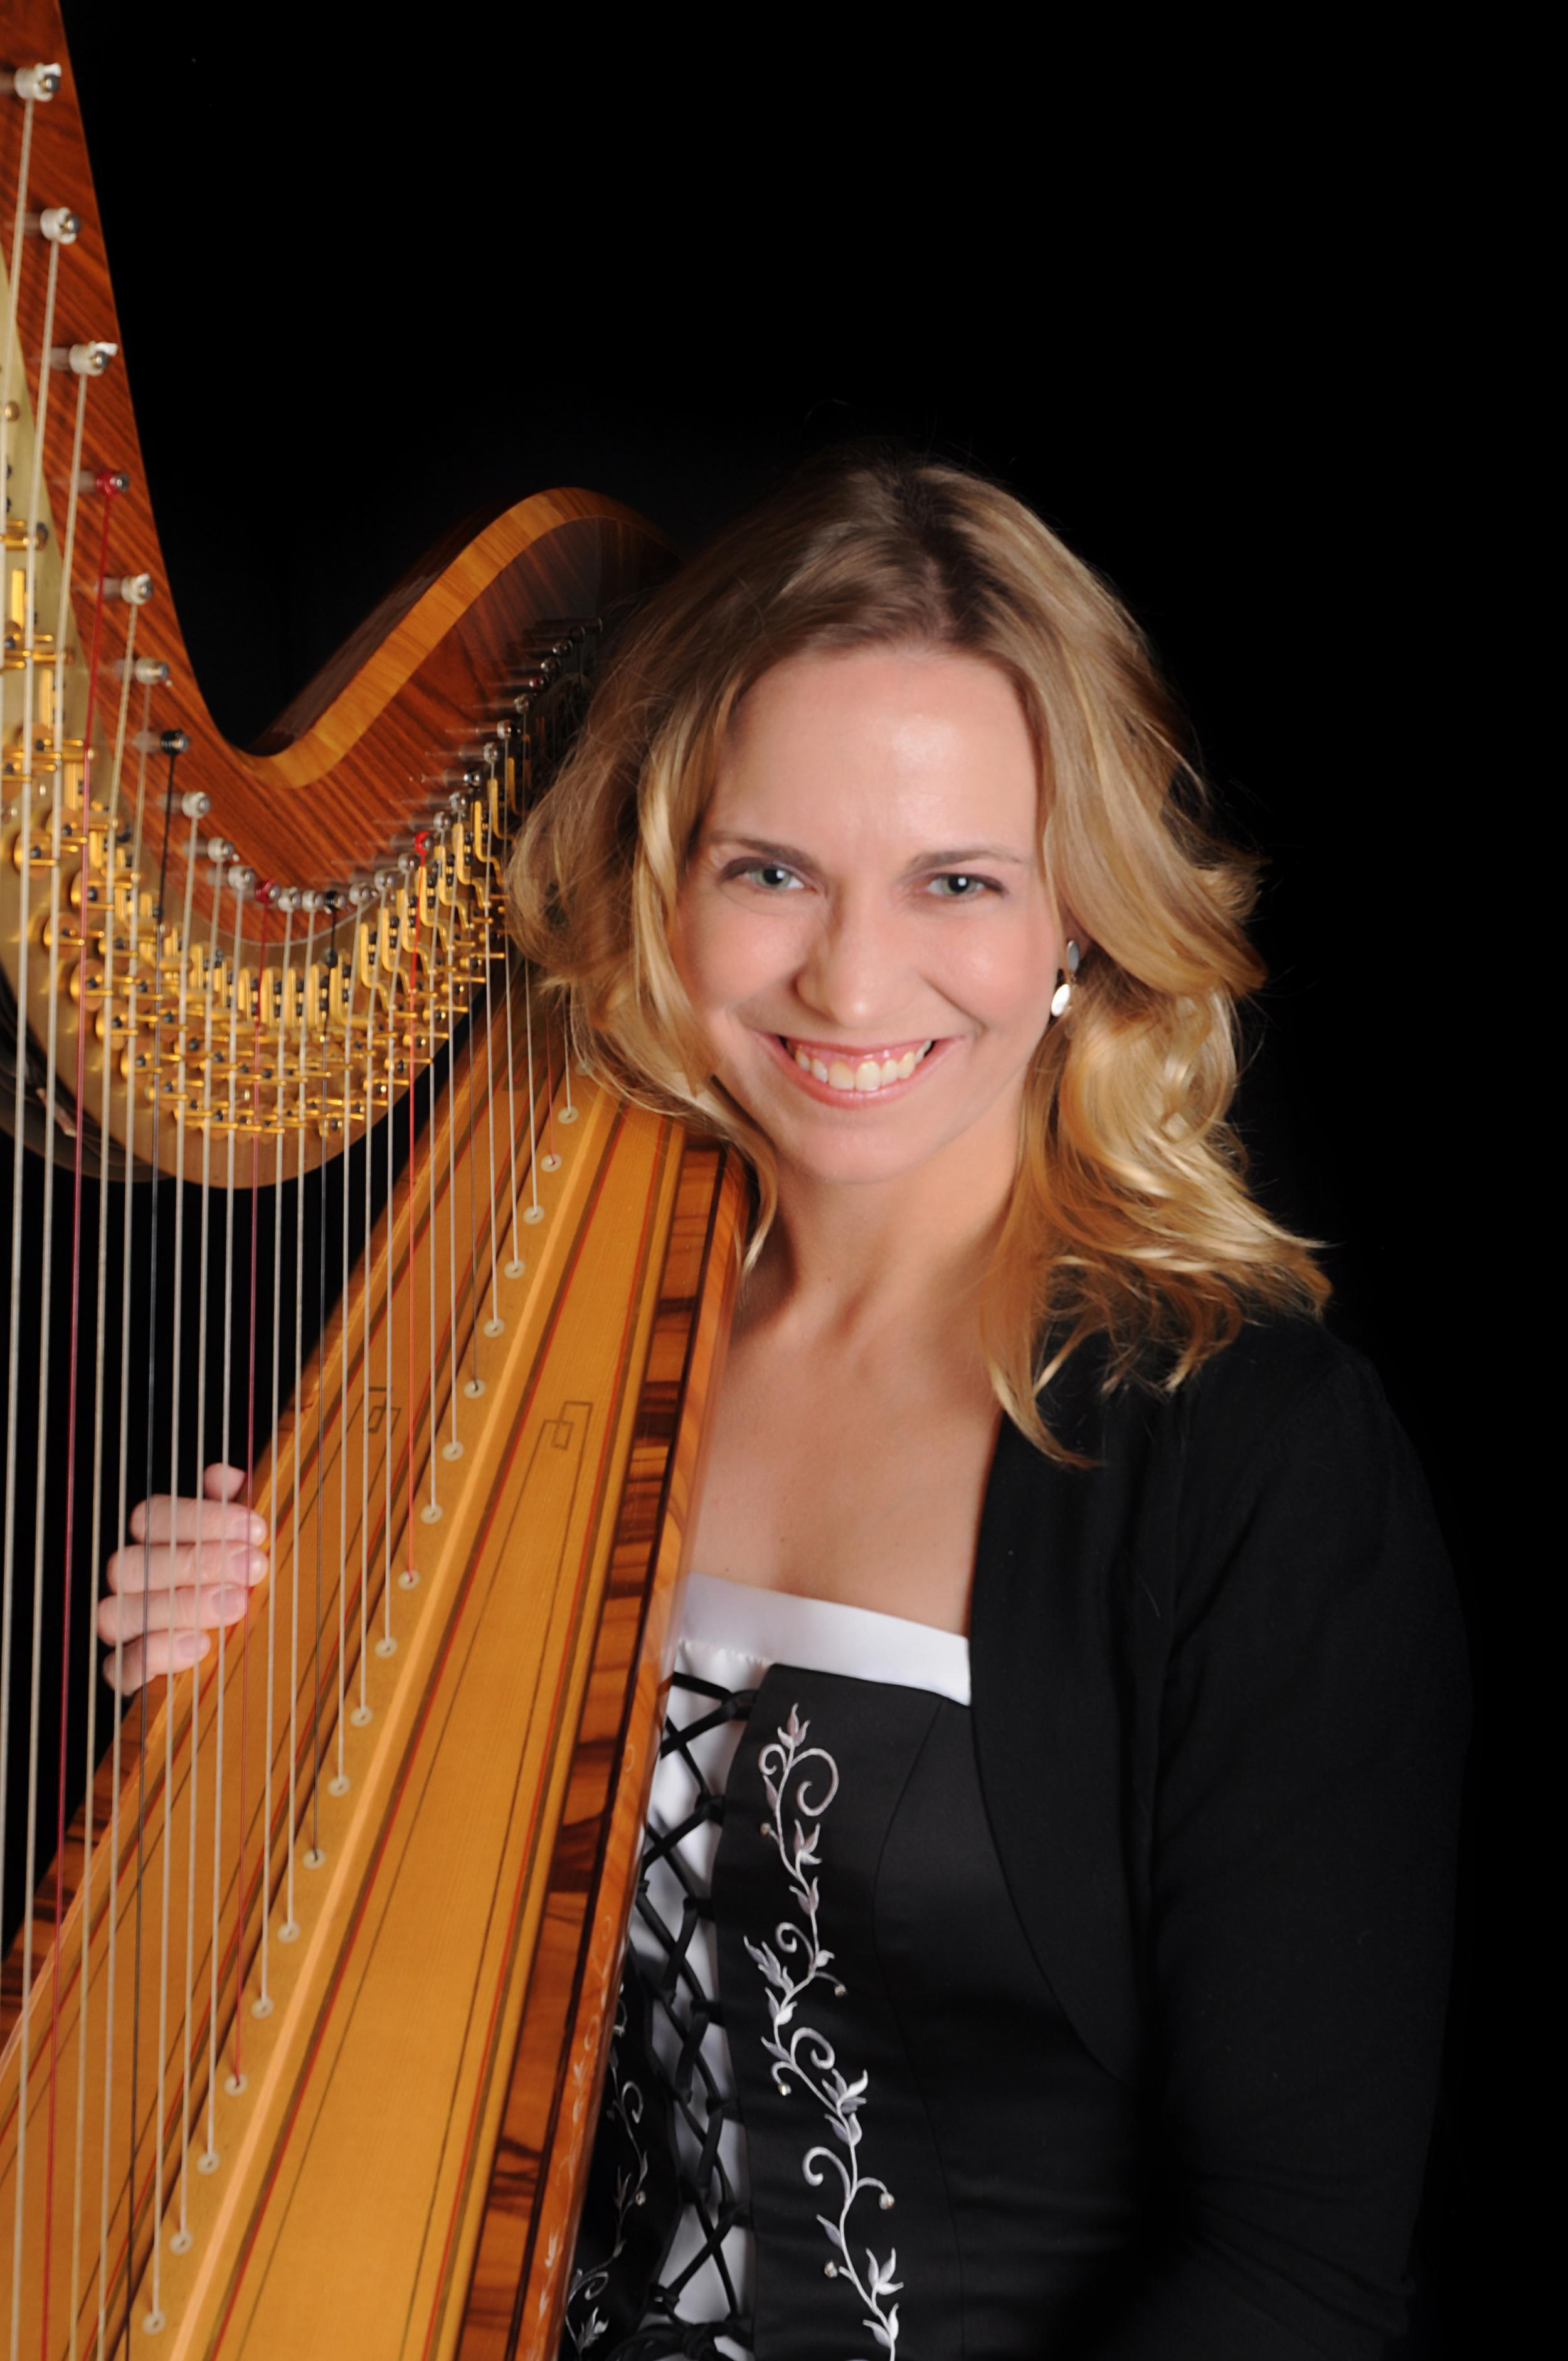 Jaymee Haefner